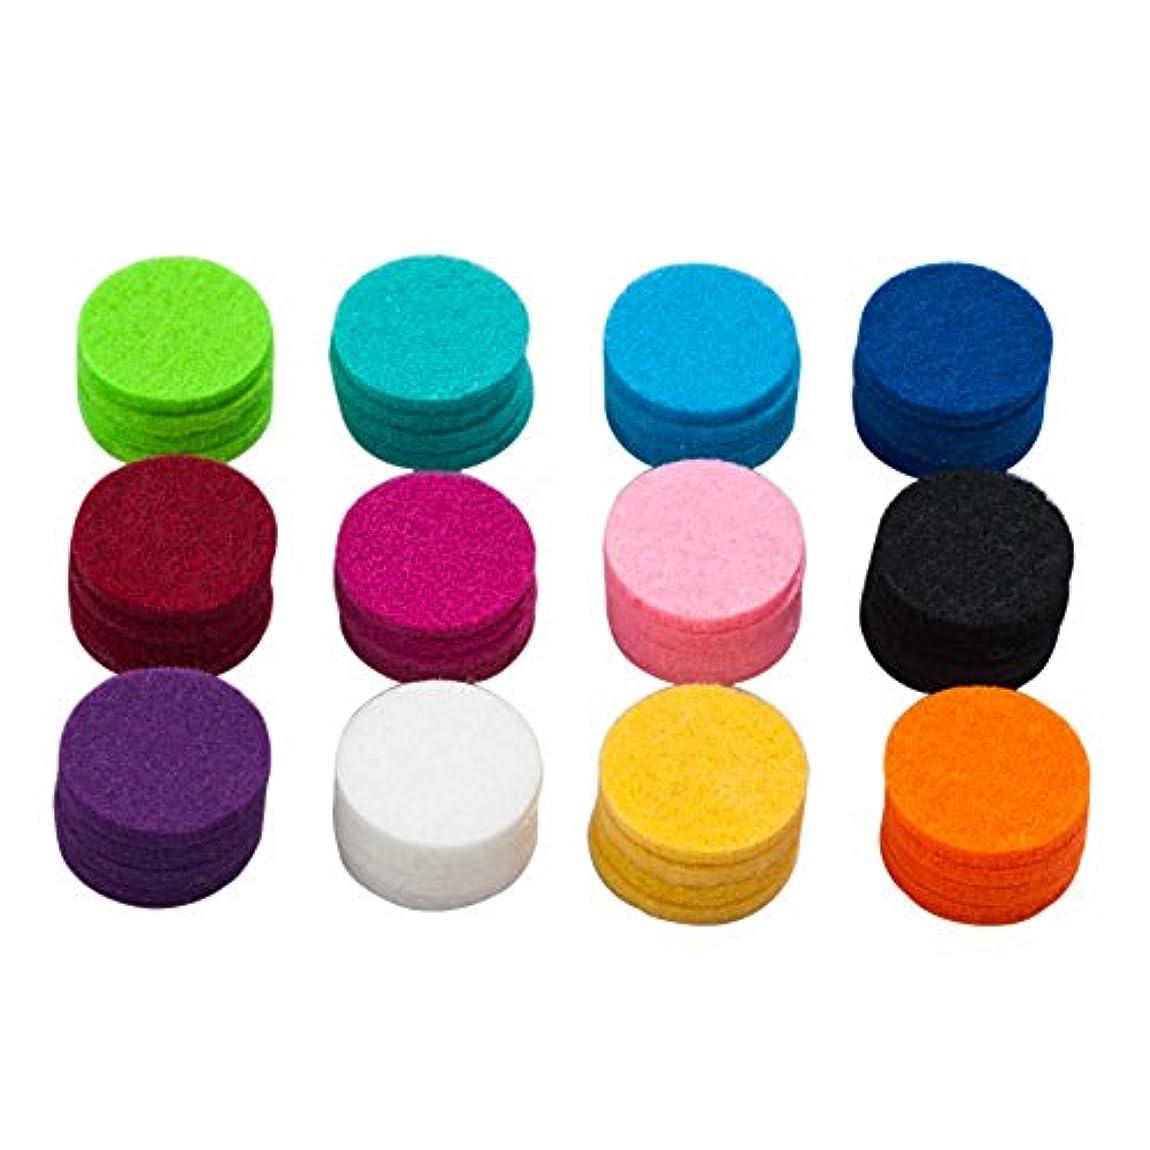 したいぐったりマガジンlovelycharms Aromatherapy Essential Oil DiffuserネックレスRefill Pads for 30 mmロケットネックレス